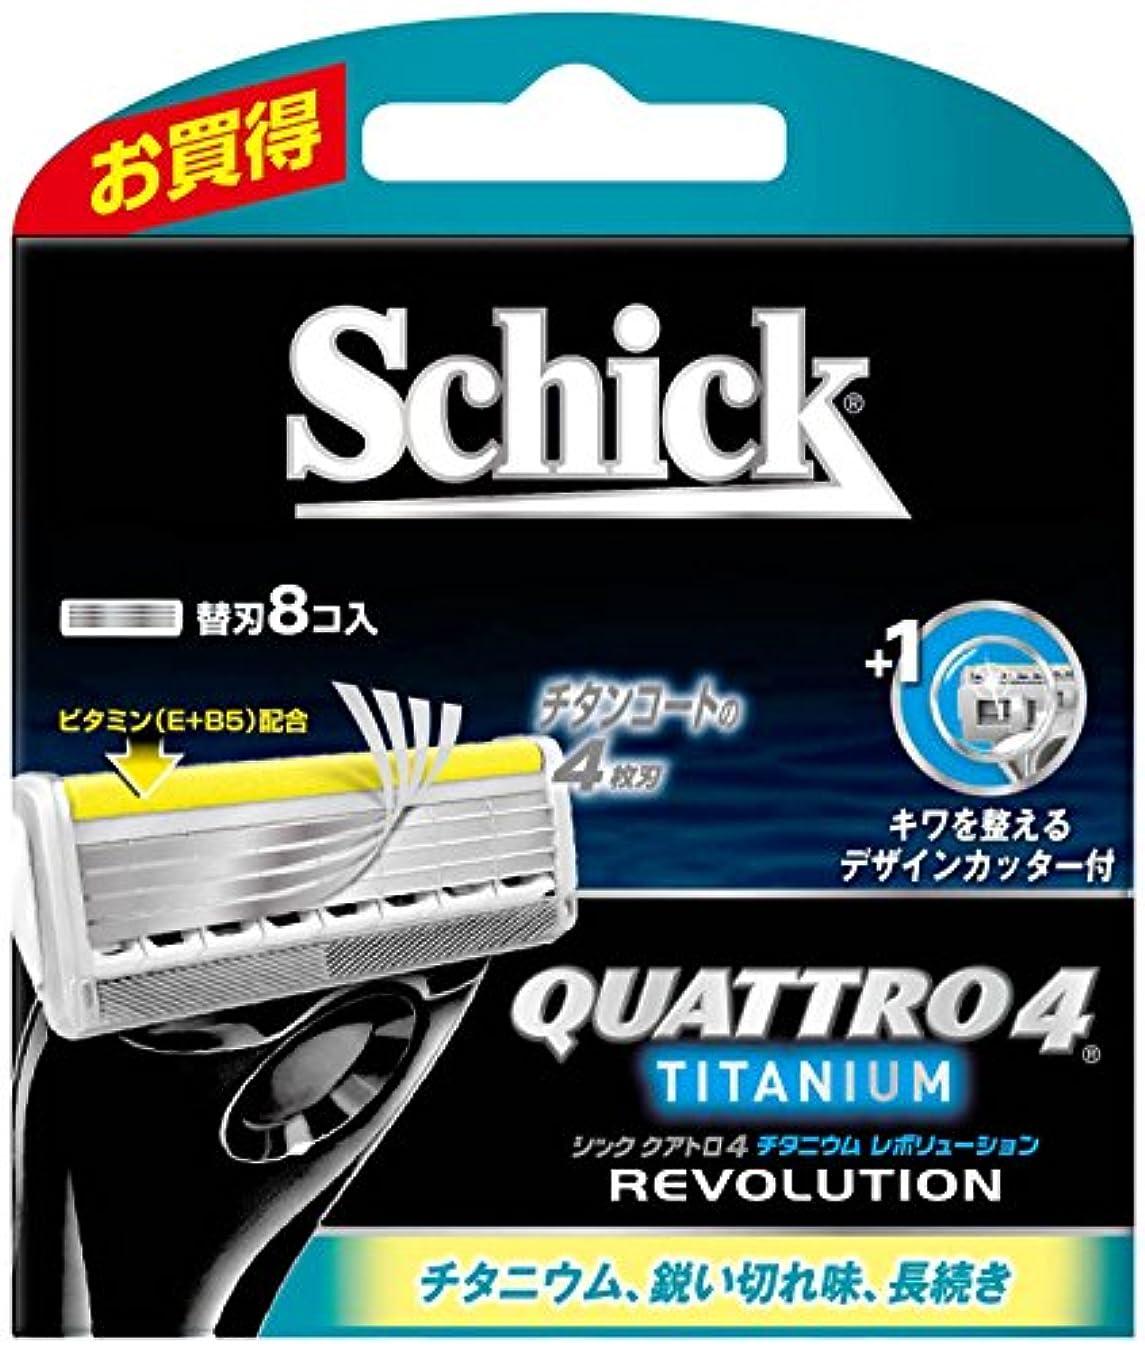 あなたは説得力のある約束するシック クアトロ4 チタニウム レボリューション 替刃 8コ入